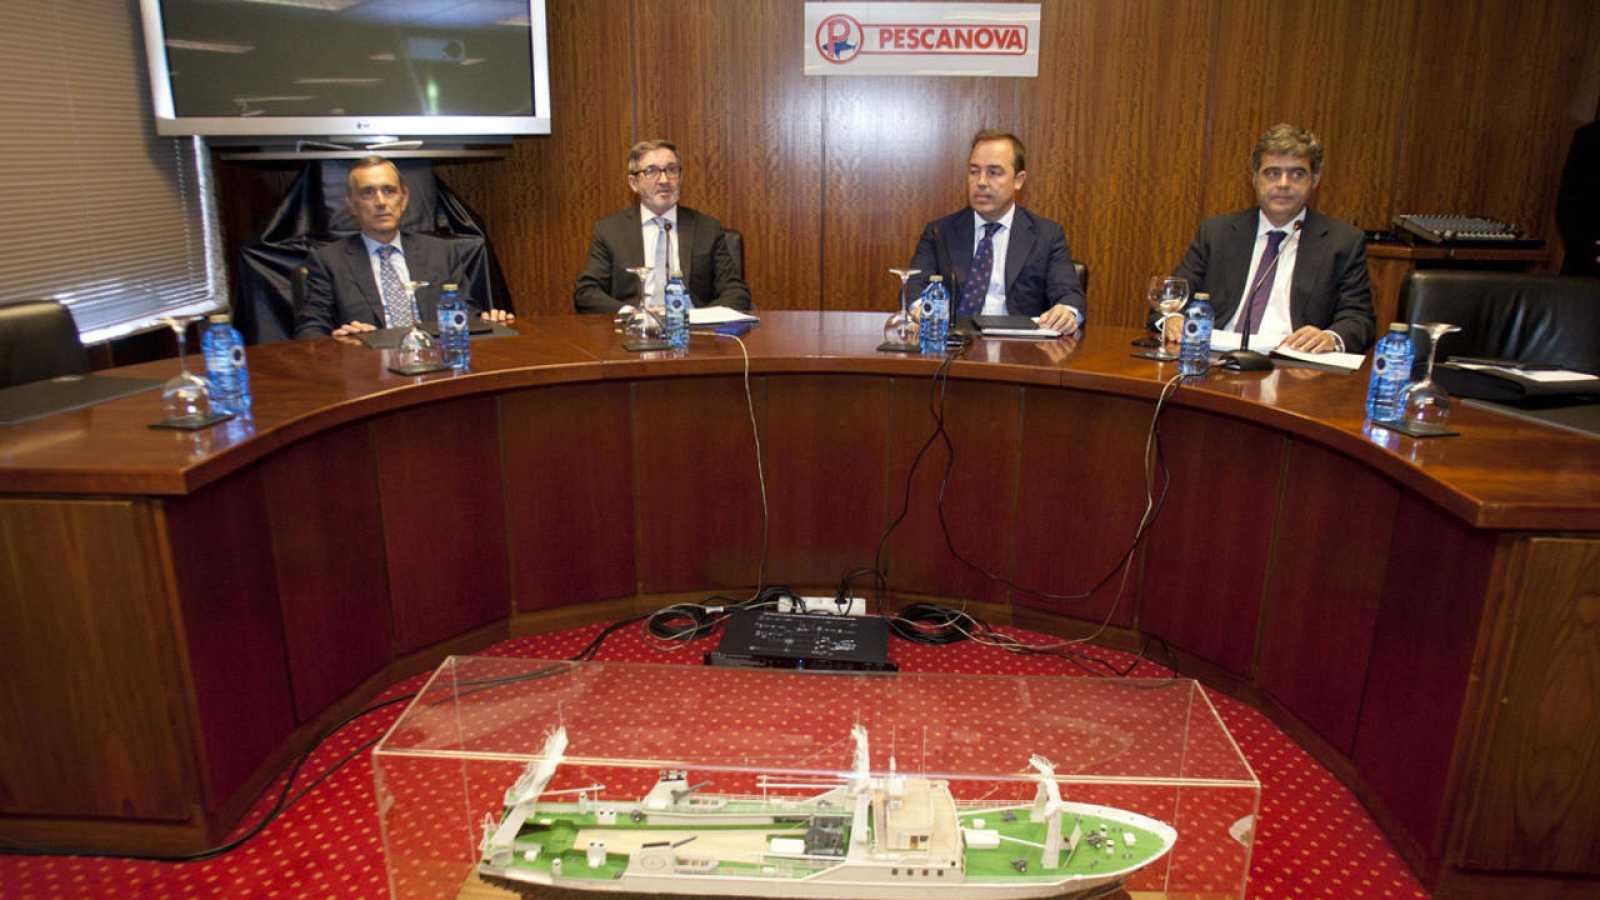 Junta de accionistas de Pescanova. En la imagen, los miembros del consejo, Alejandro Legarda, Fernando Herce, Diego Fontán y César Mata